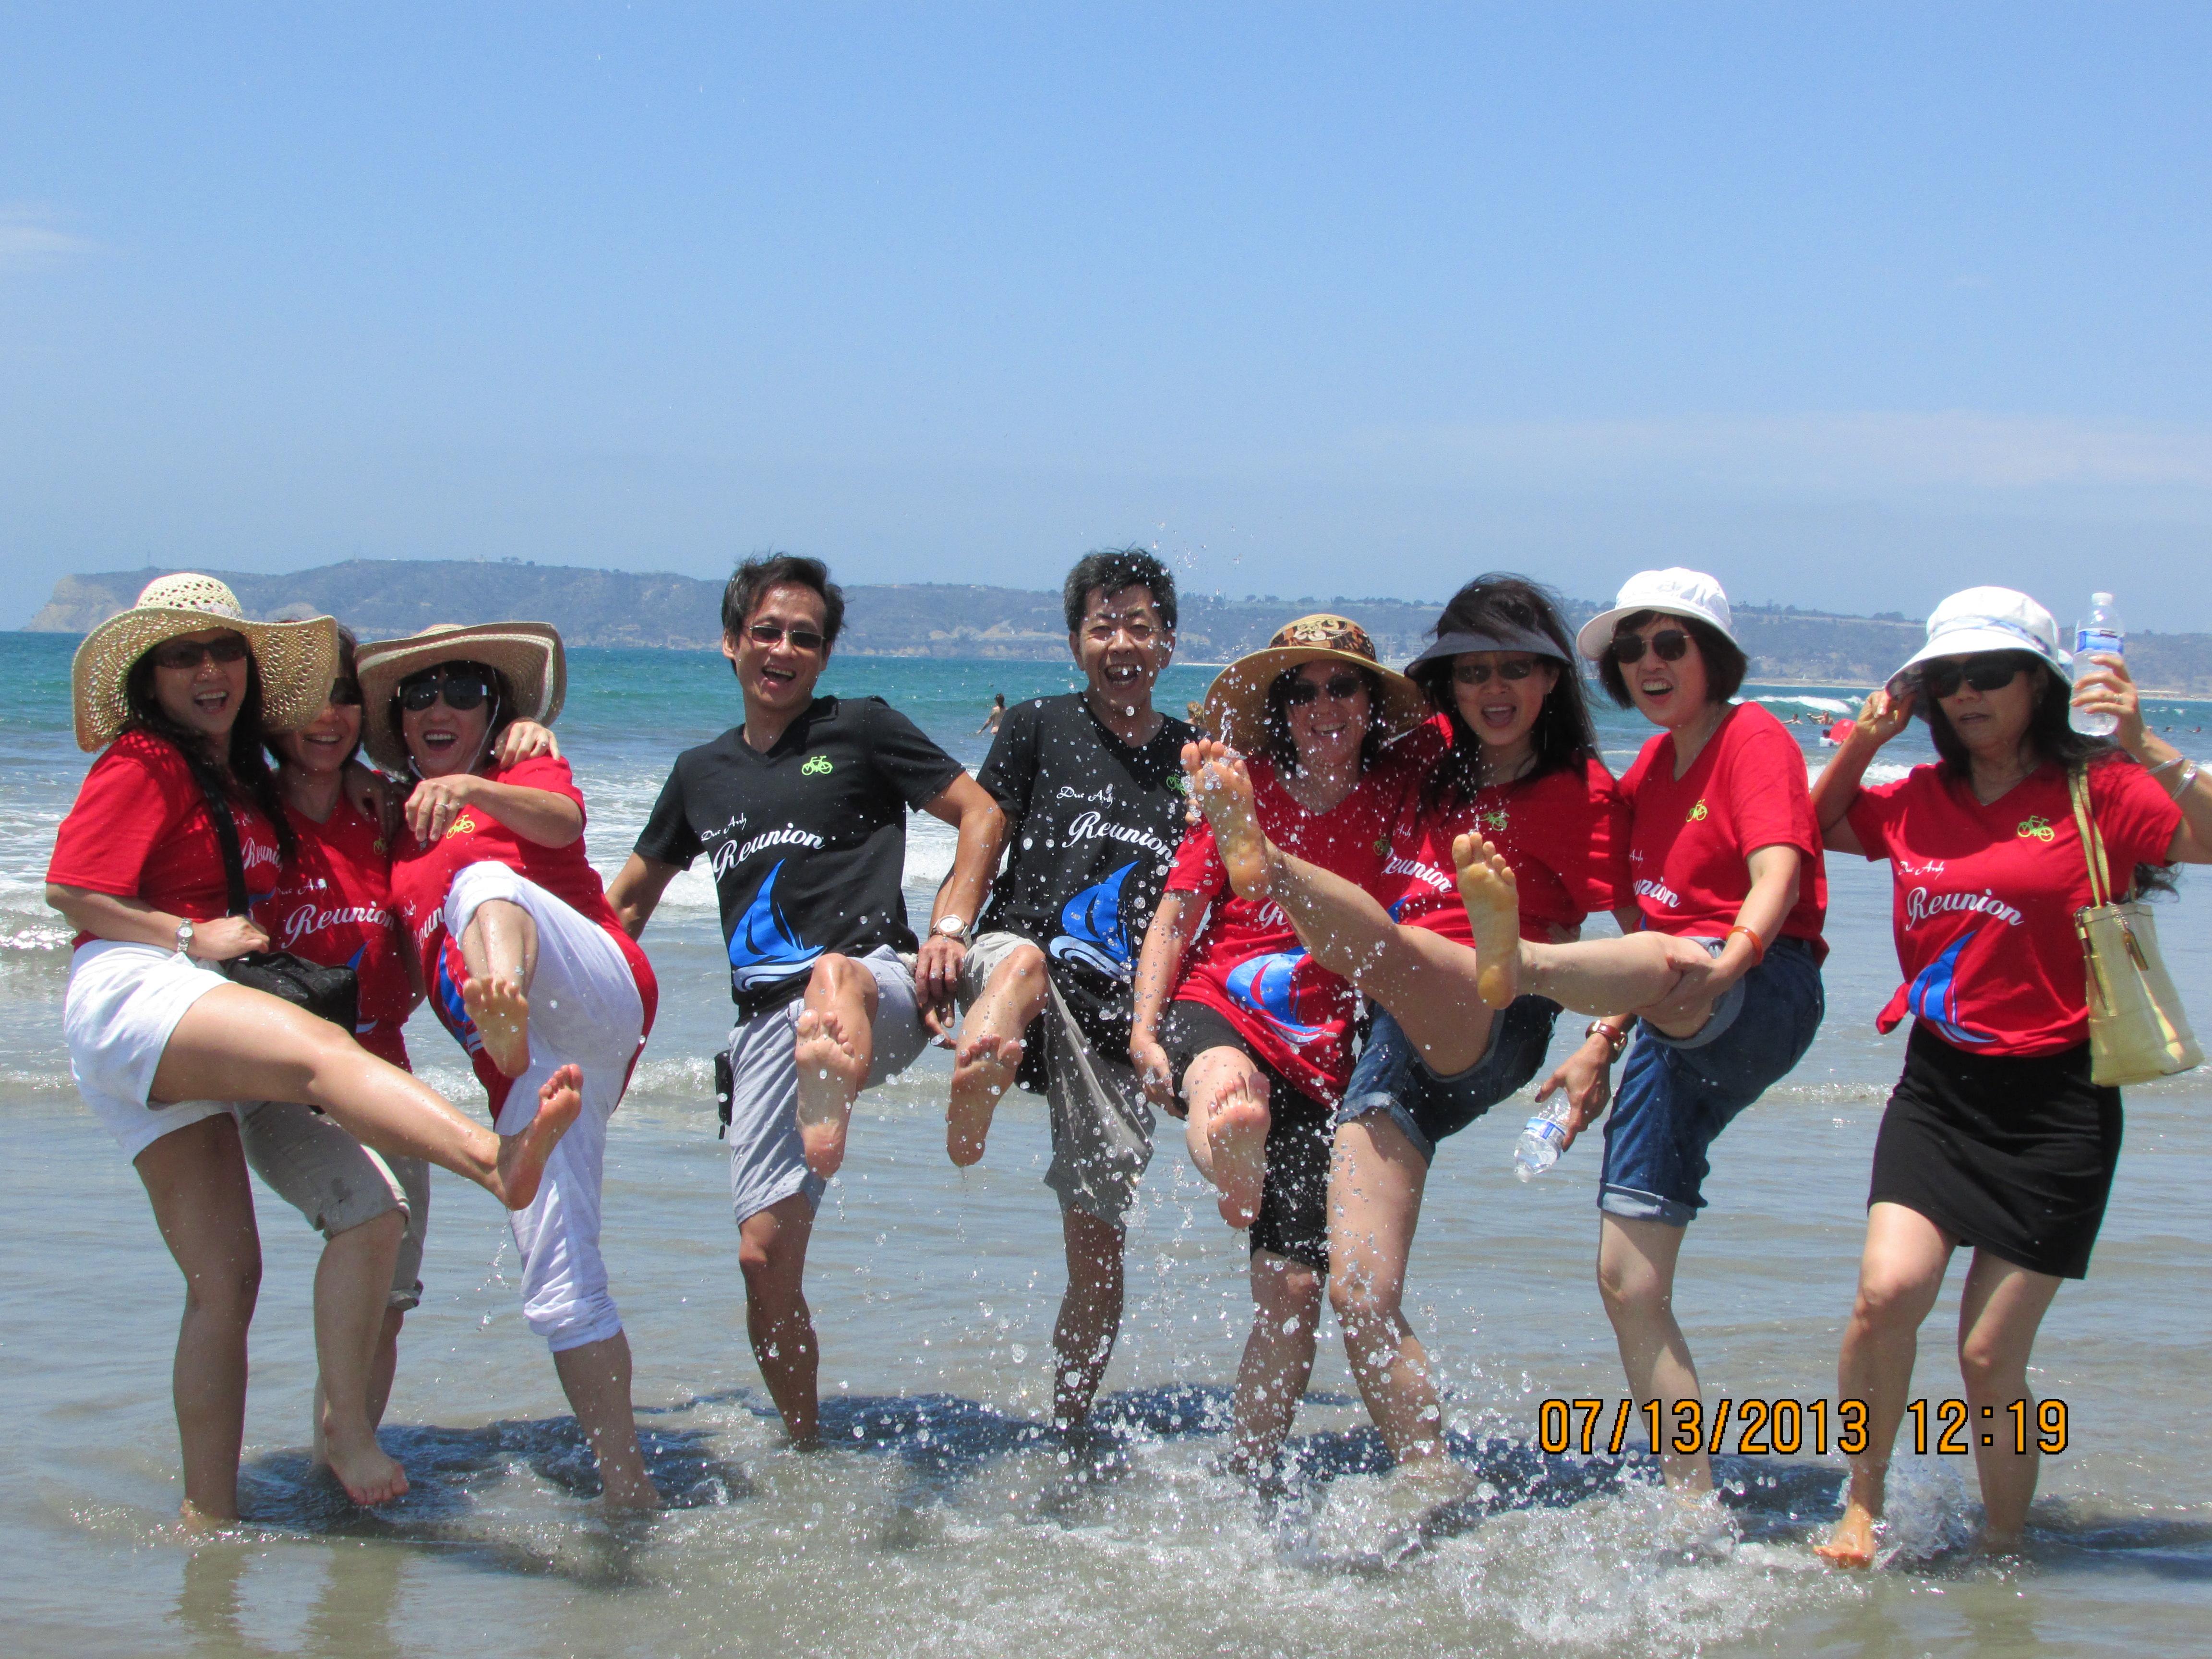 Shirt design san diego - San Diego Beach Reunion T Shirt Photo